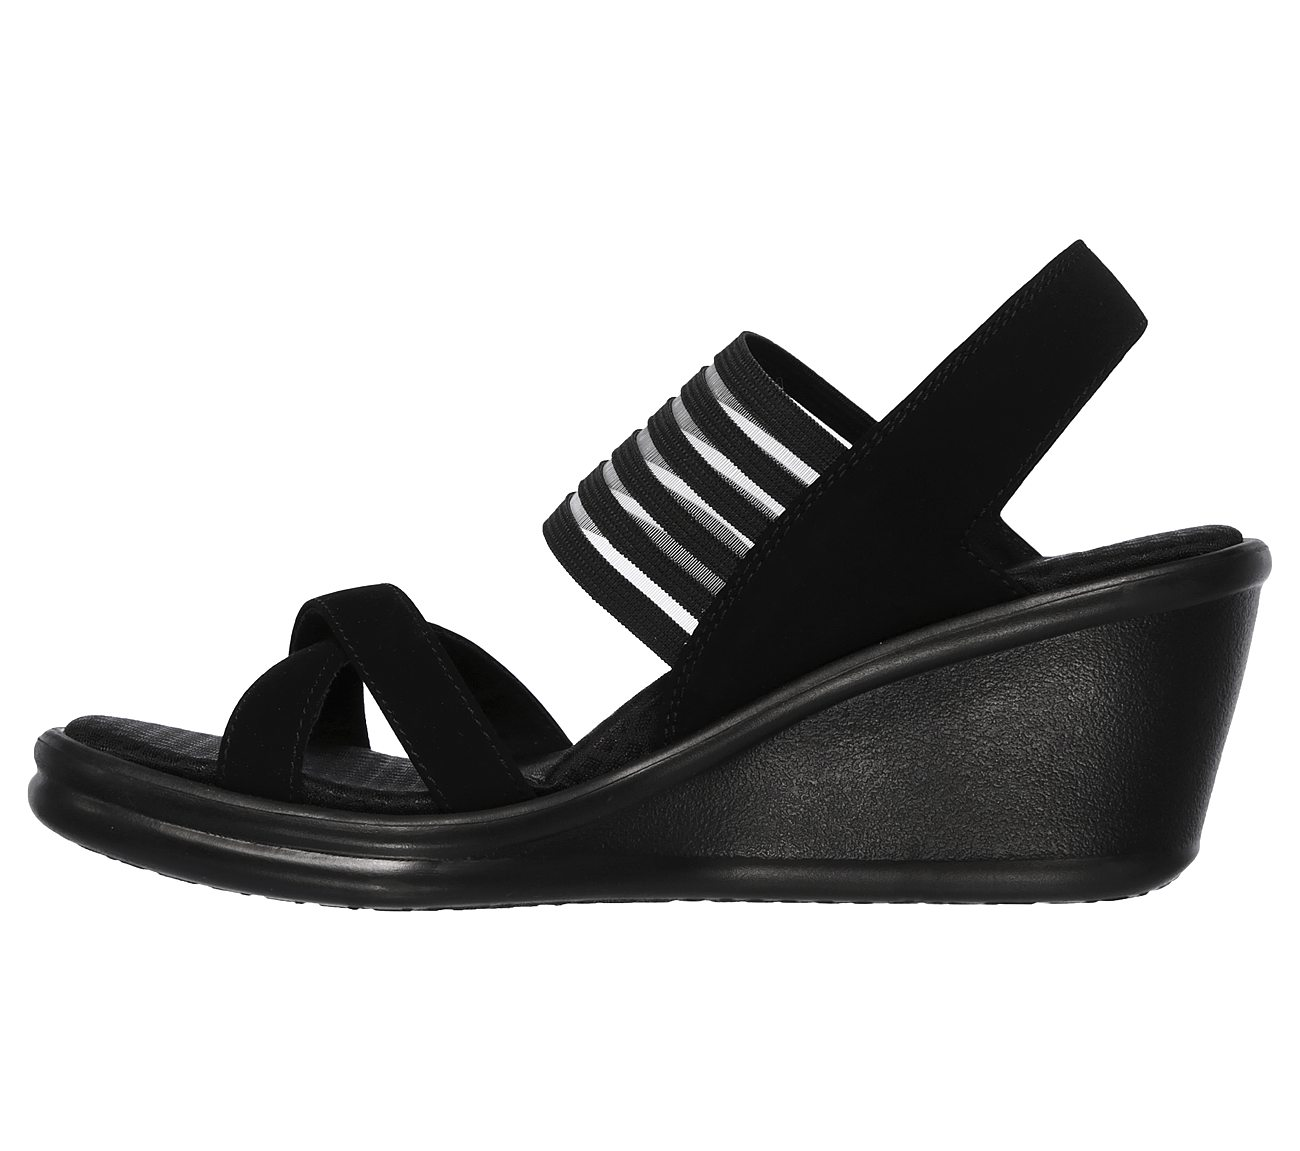 Skechers RUMBLERS SOLAR BURST Ladies Womens Wedge Heeled Sandals Black